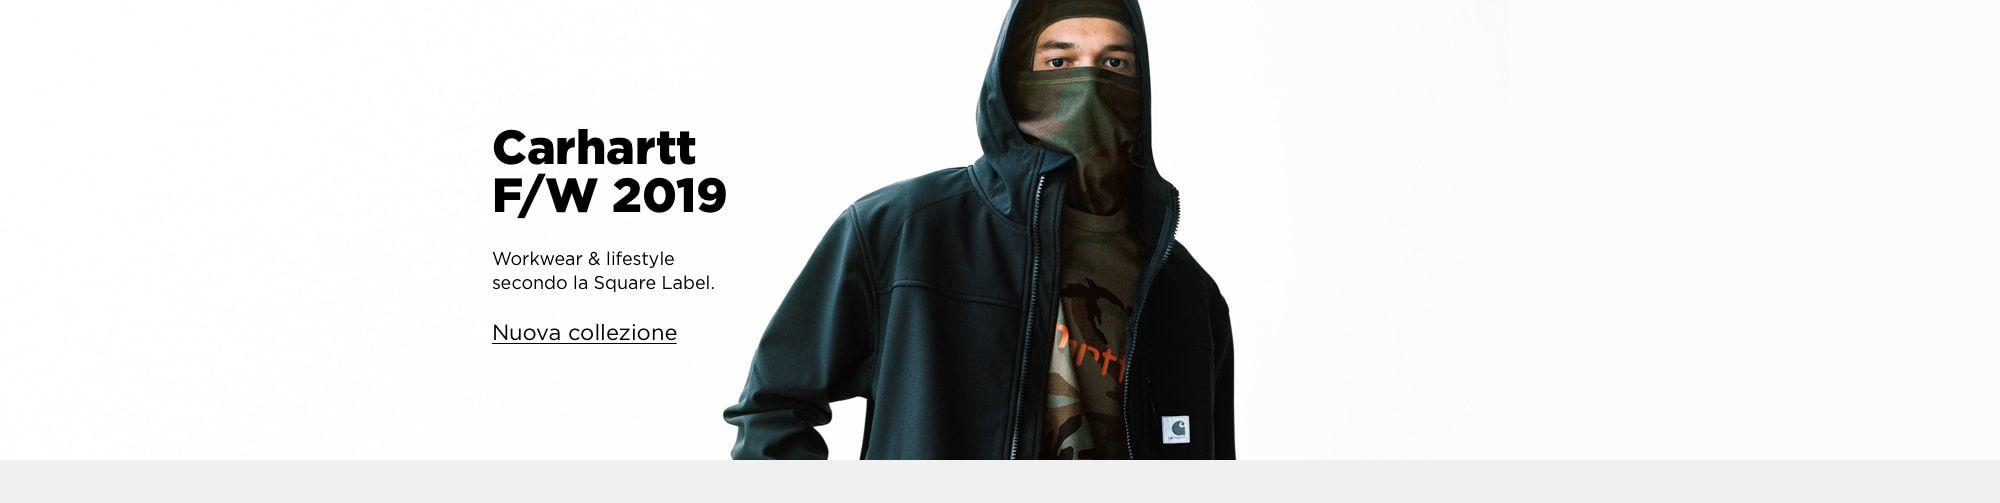 d6ade69999 Abbigliamento Streetwear   Consegna in 1 giorno su Graffitishop